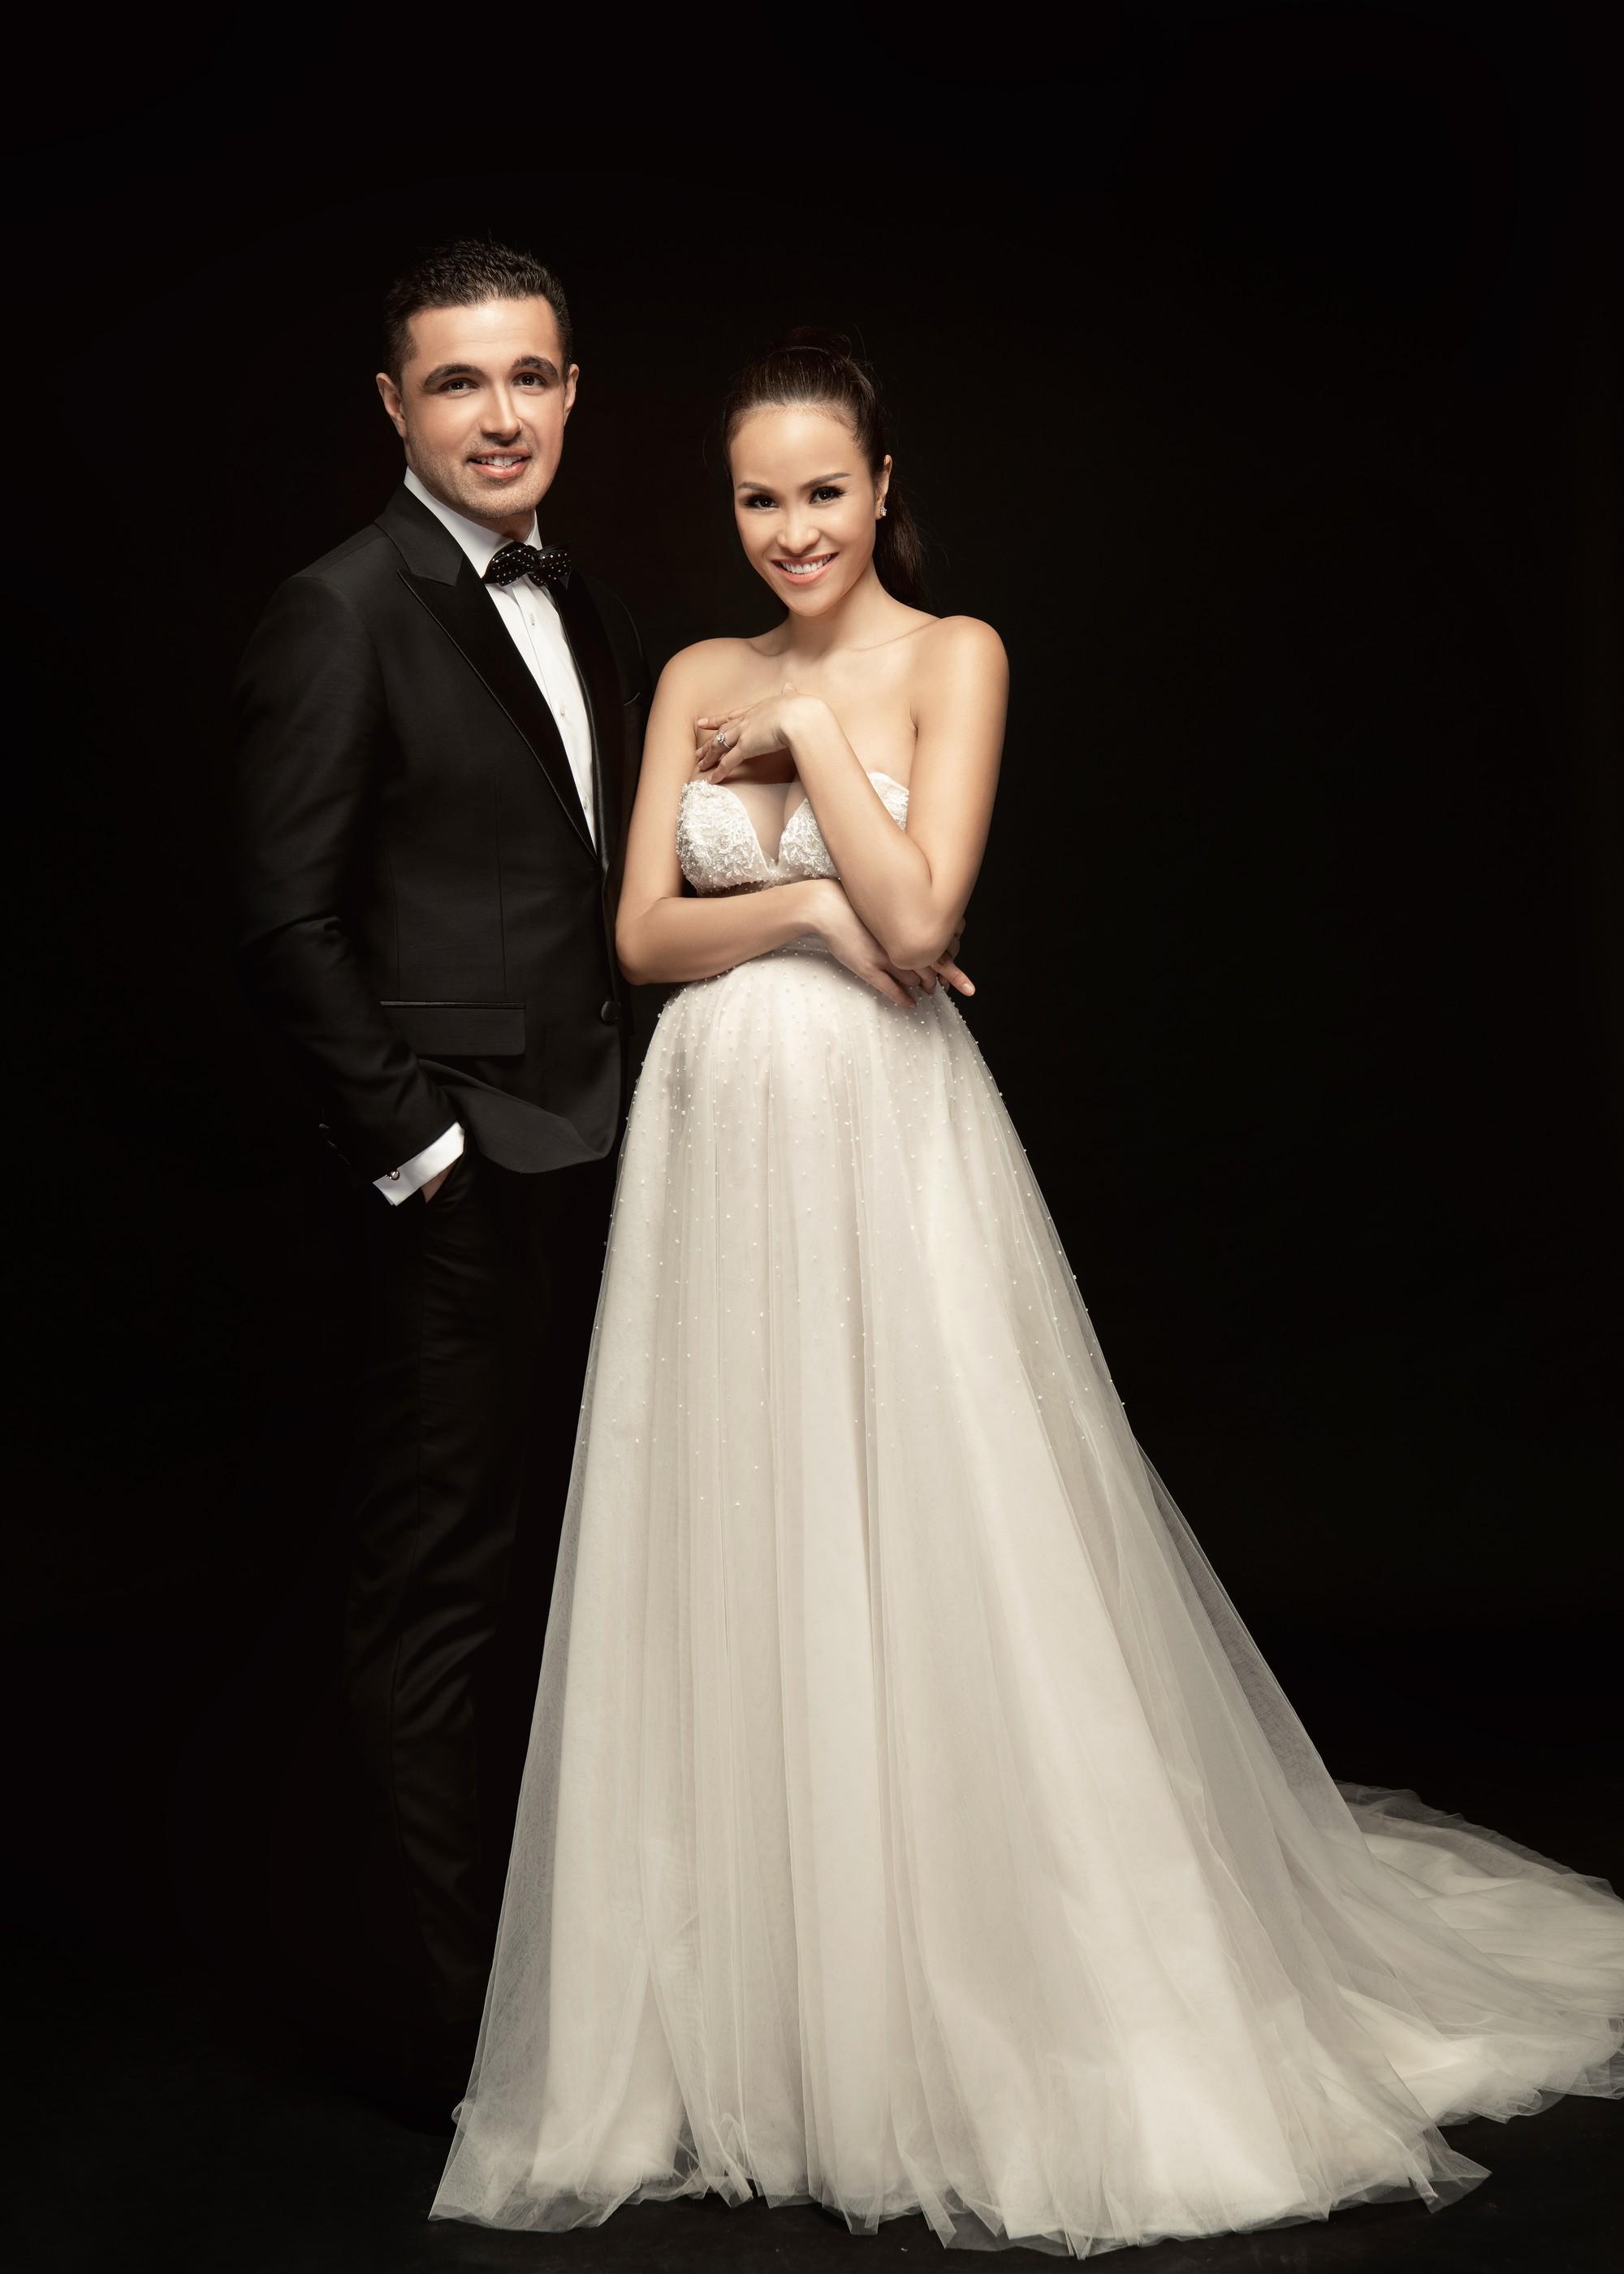 """Gấp rút chụp hình cưới, lộ vòng 2 to bất thường, Mai Phương bị nghi """"cưới chạy bầu"""" và đây là câu trả lời của cô - Ảnh 5."""